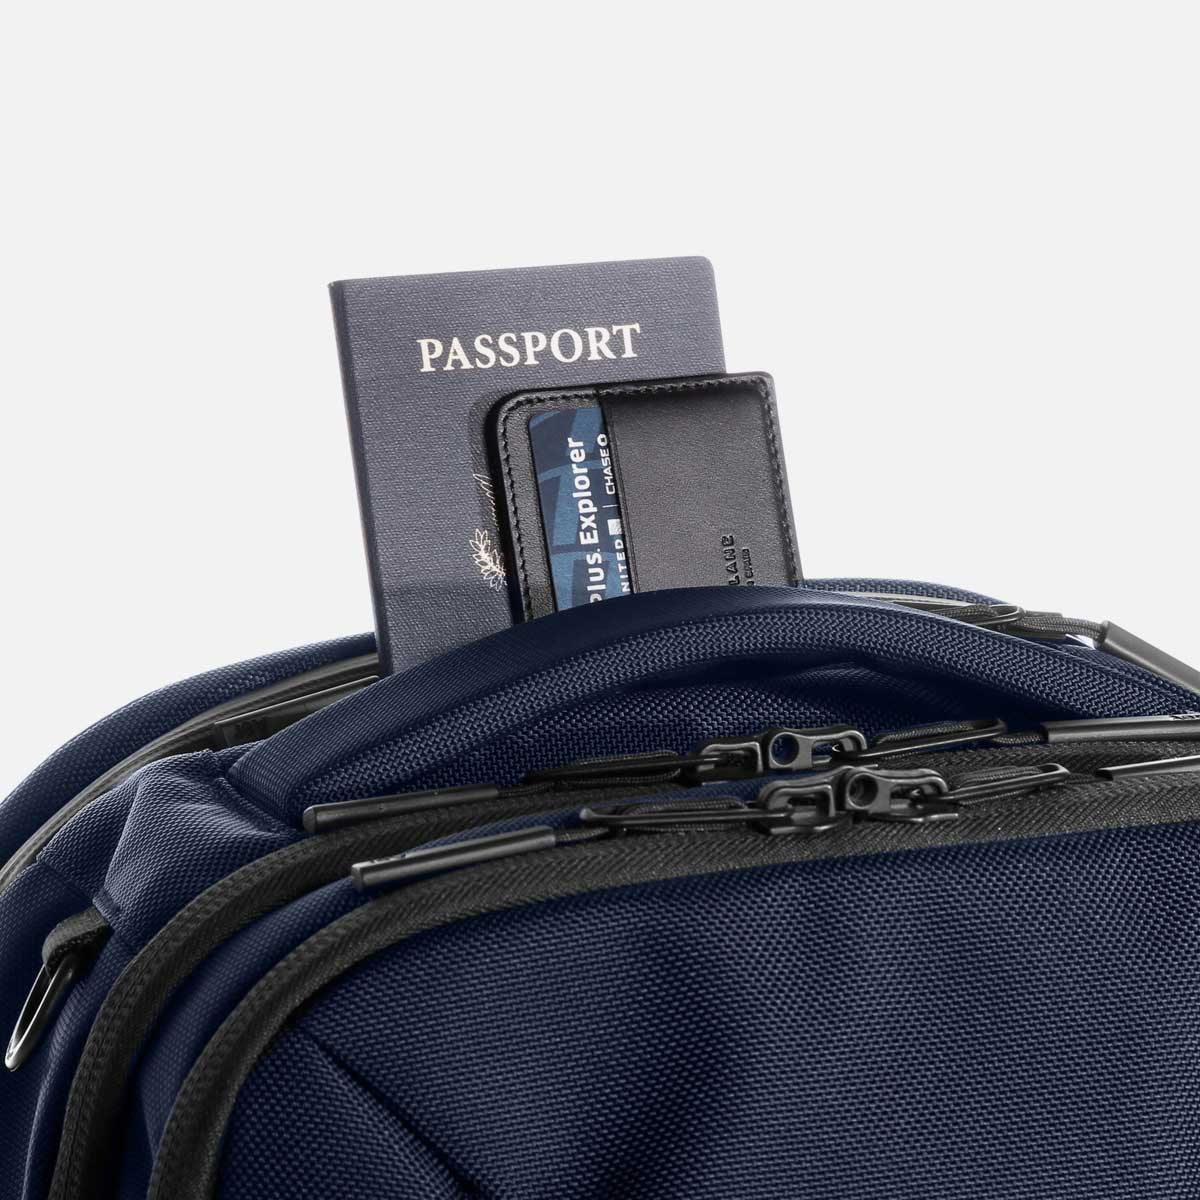 23007_travelpack2_navy_passport.jpg